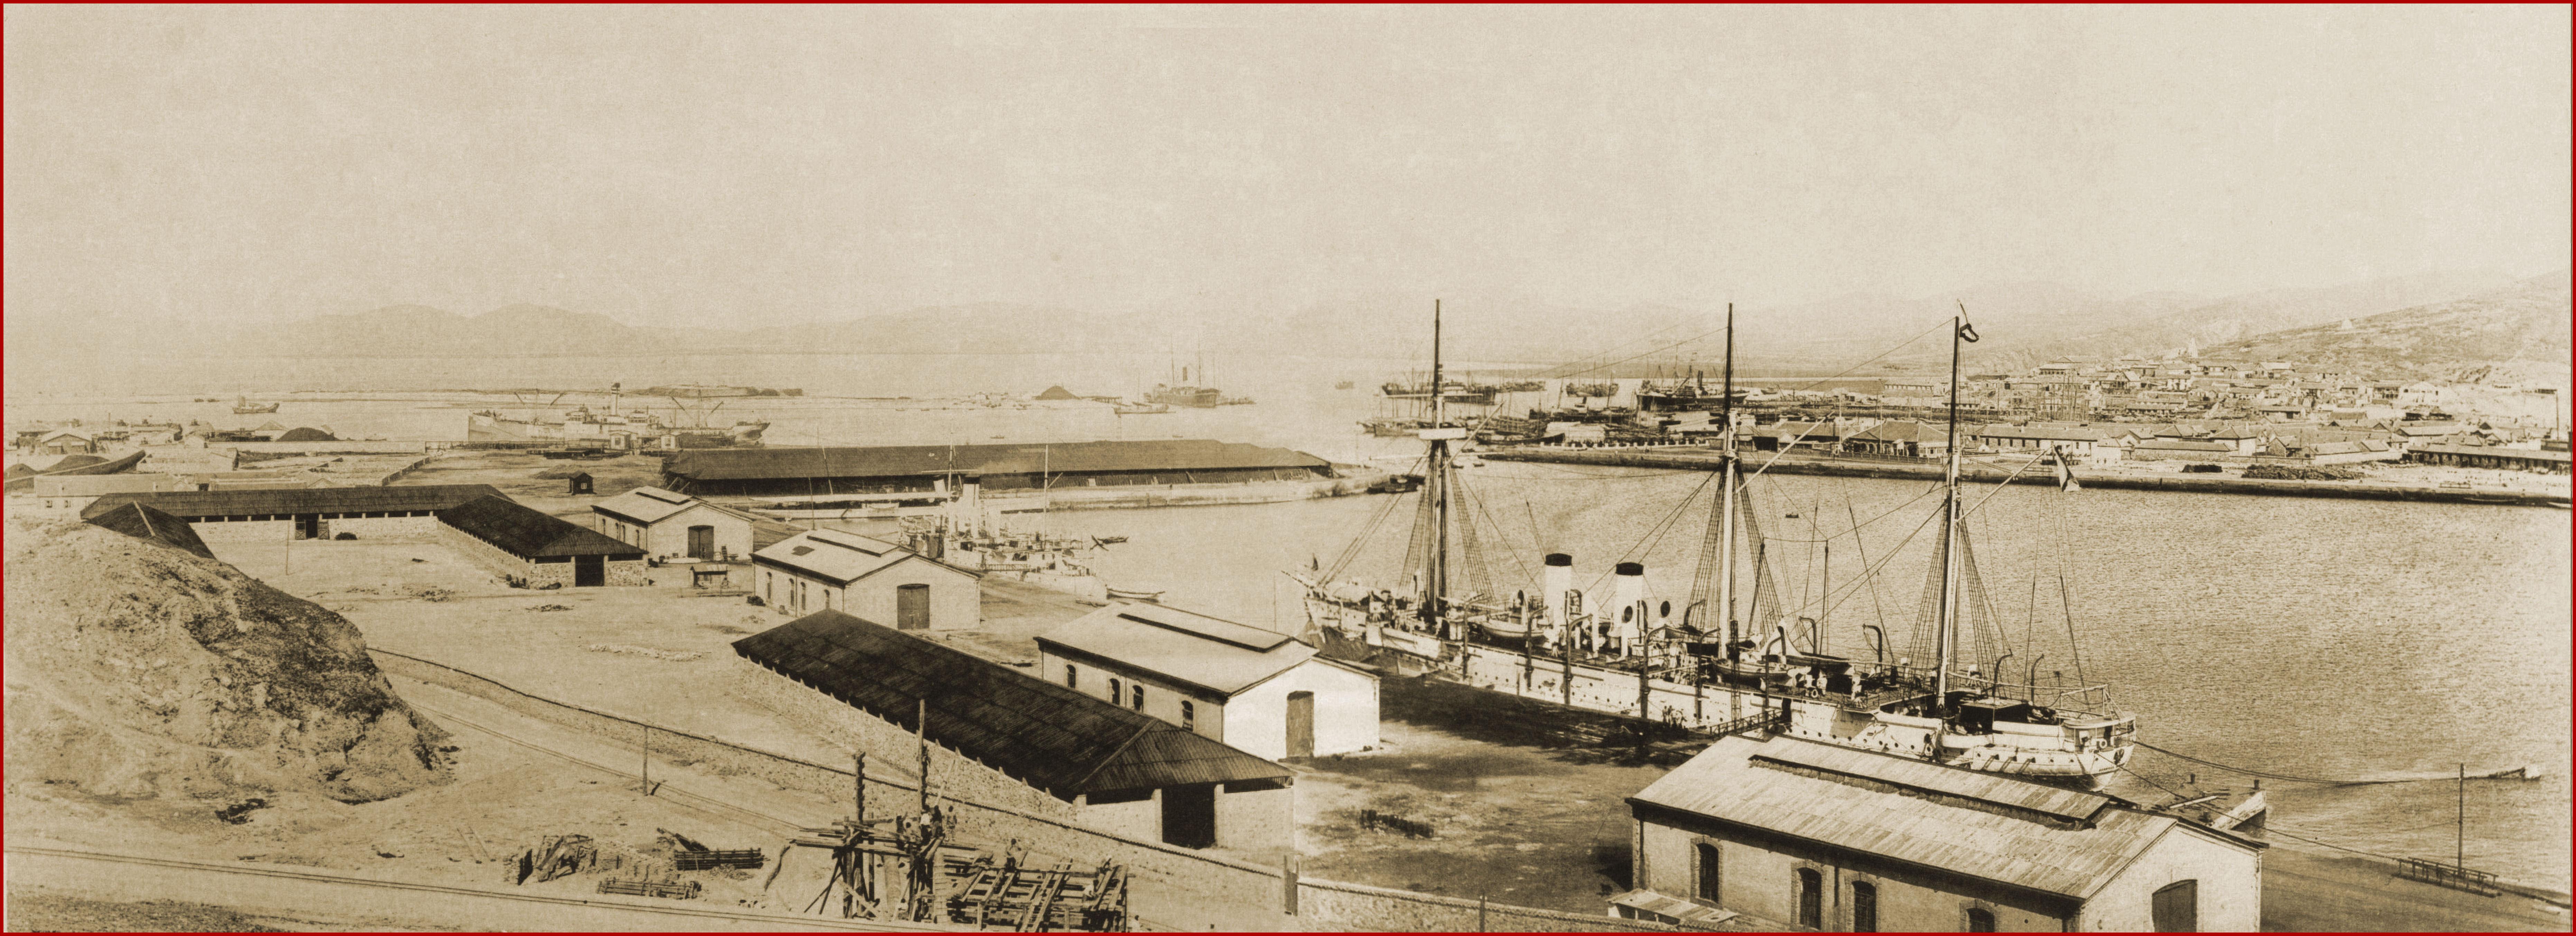 Панорама П-Артура Восточный бассейн-1898-99